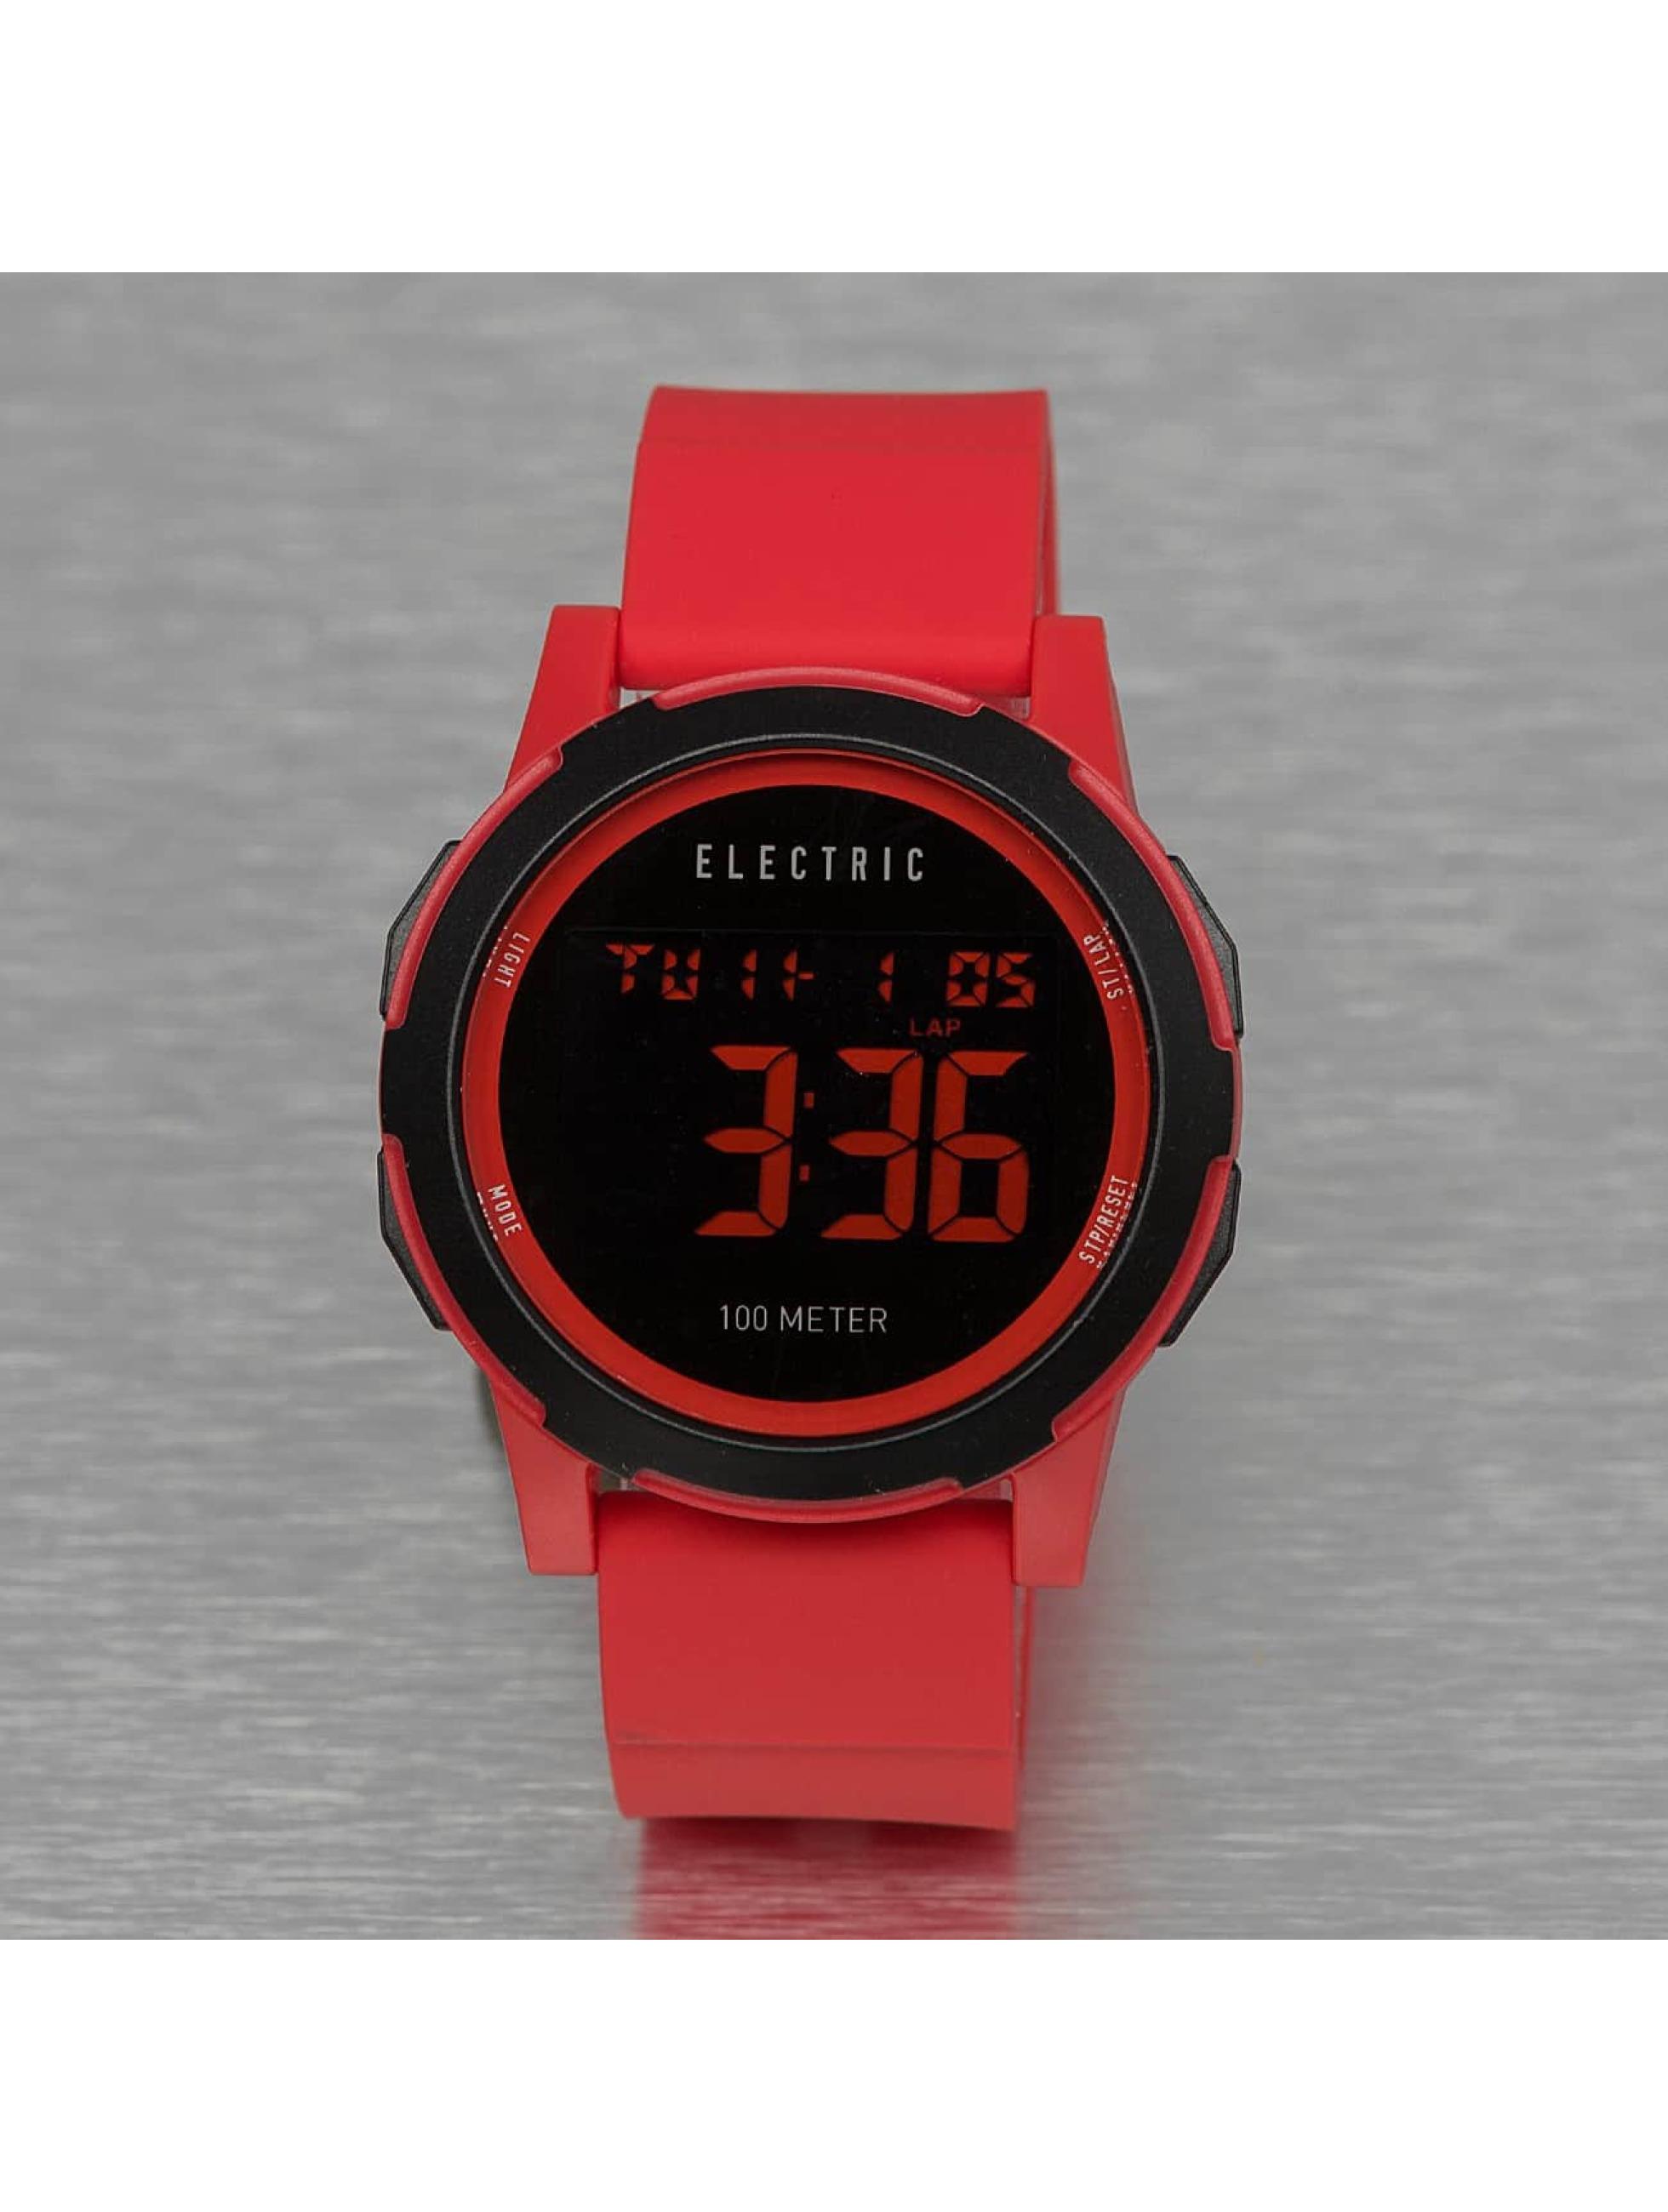 Electric Männer,Frauen Uhr PRIME in rot